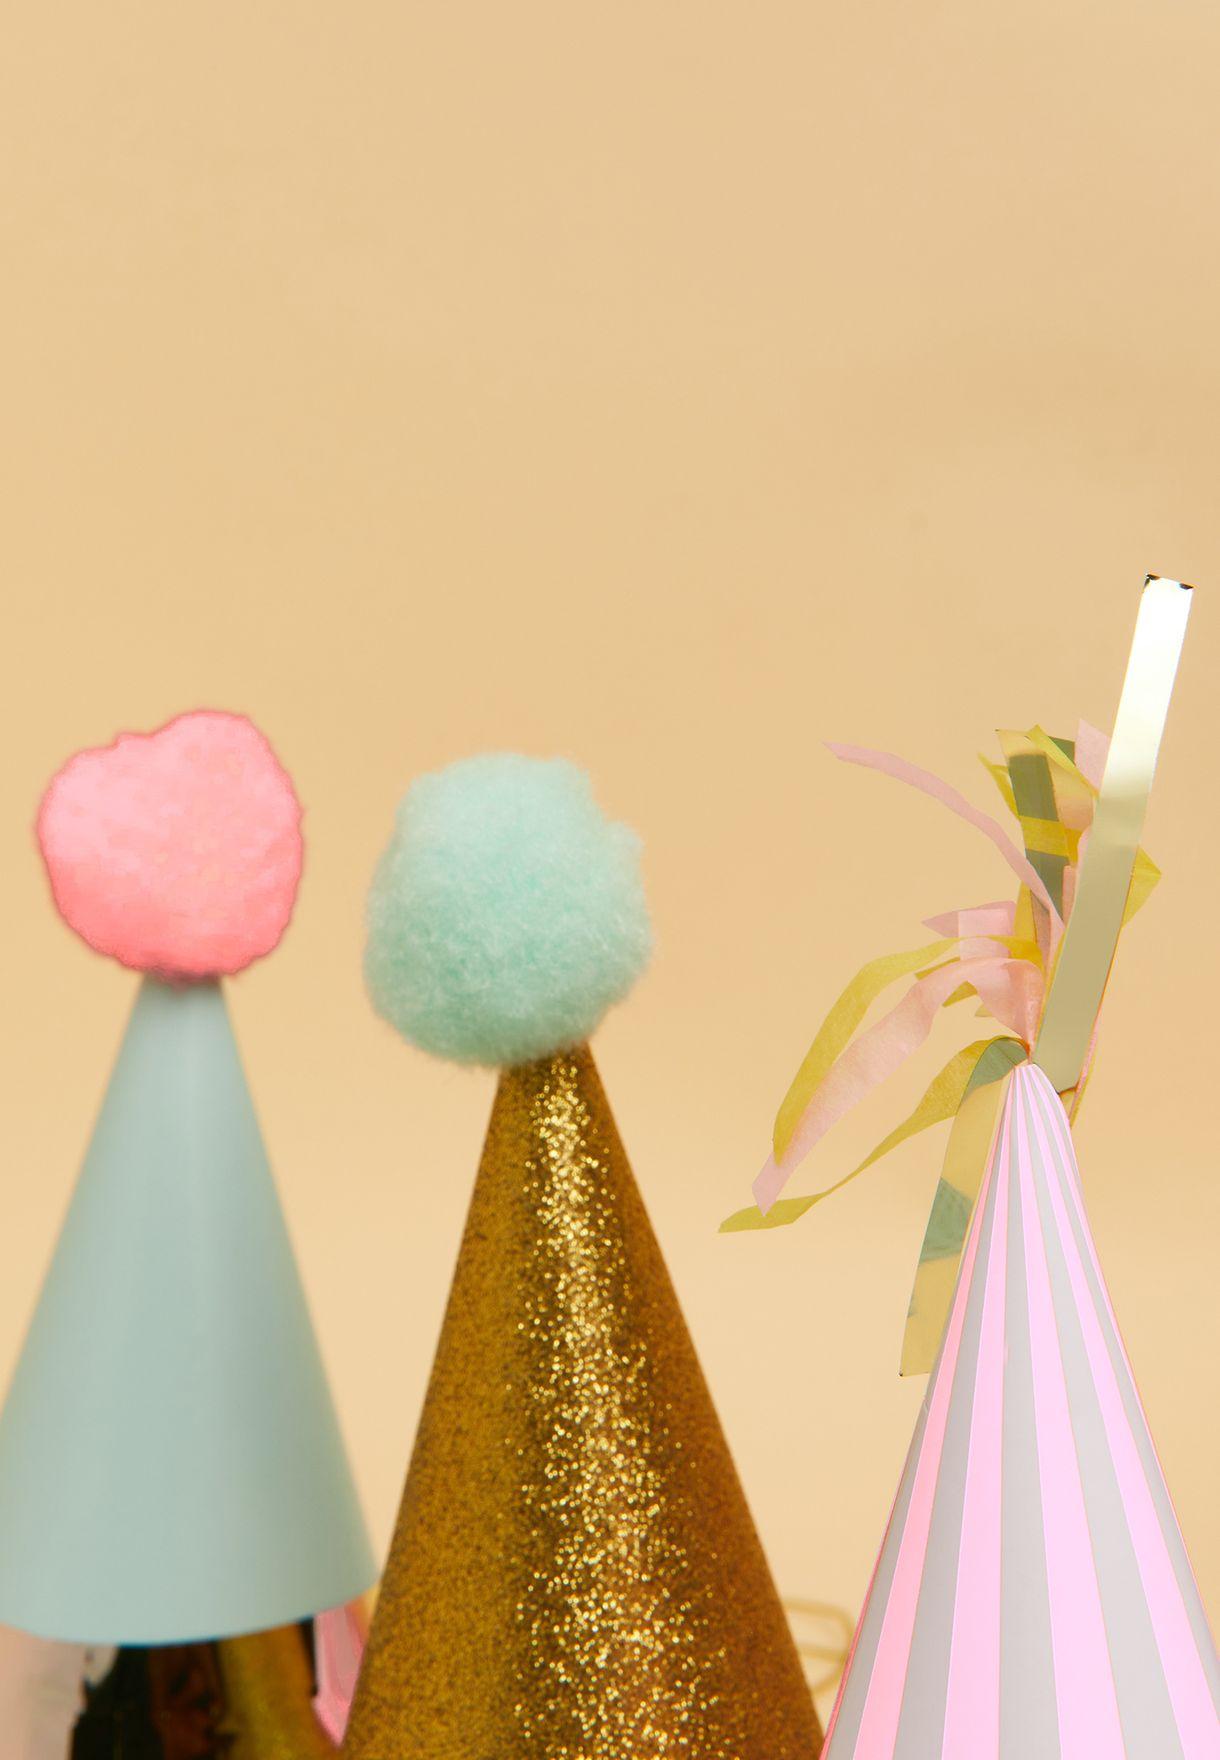 مجموعة قبعات للحفلات ( عدد 3)